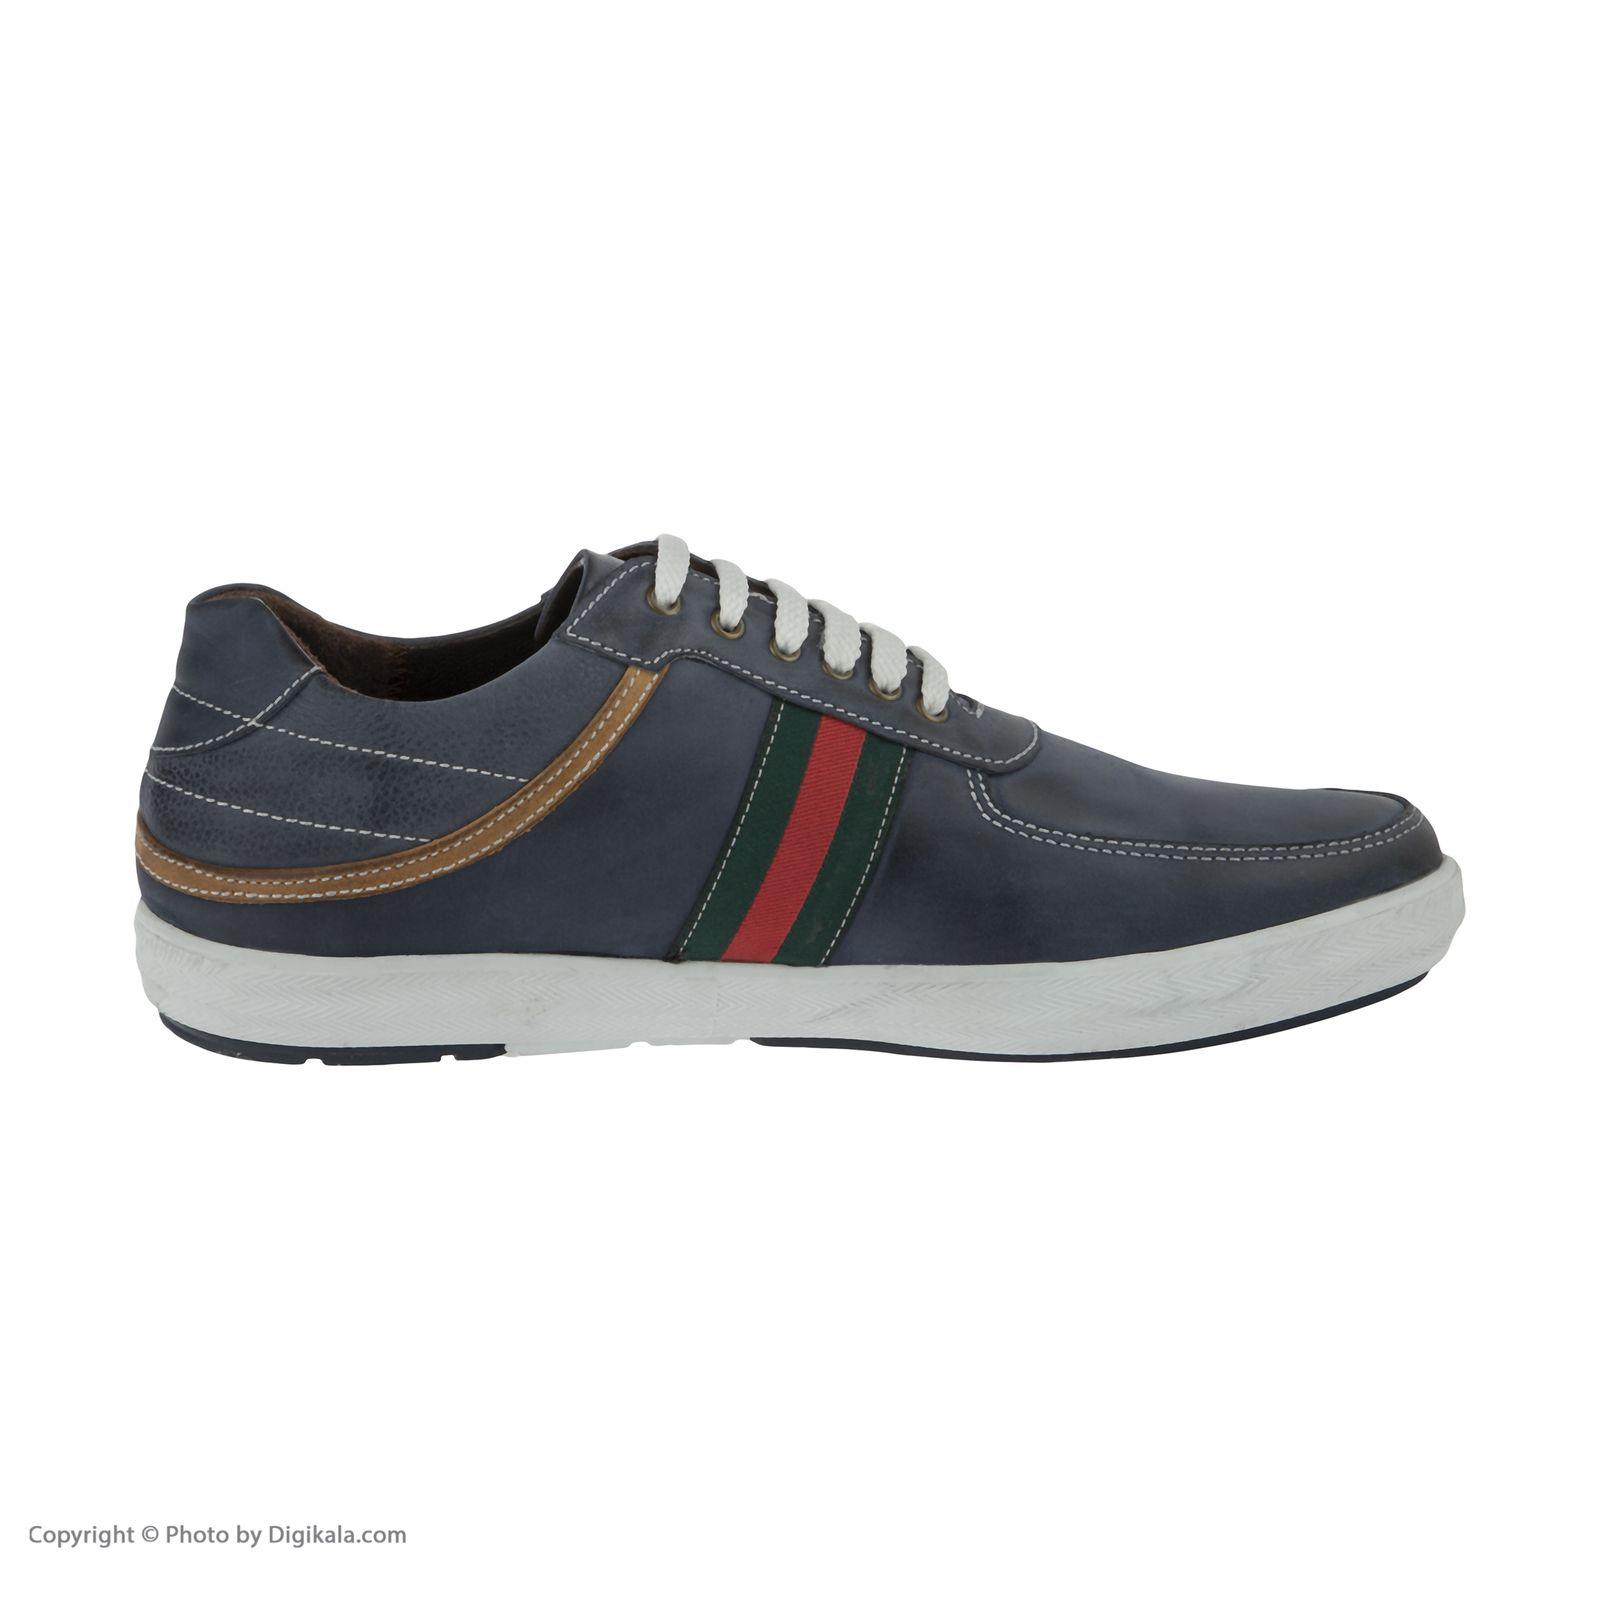 کفش روزمره مردانه سوته مدل 5054A503103 -  - 4